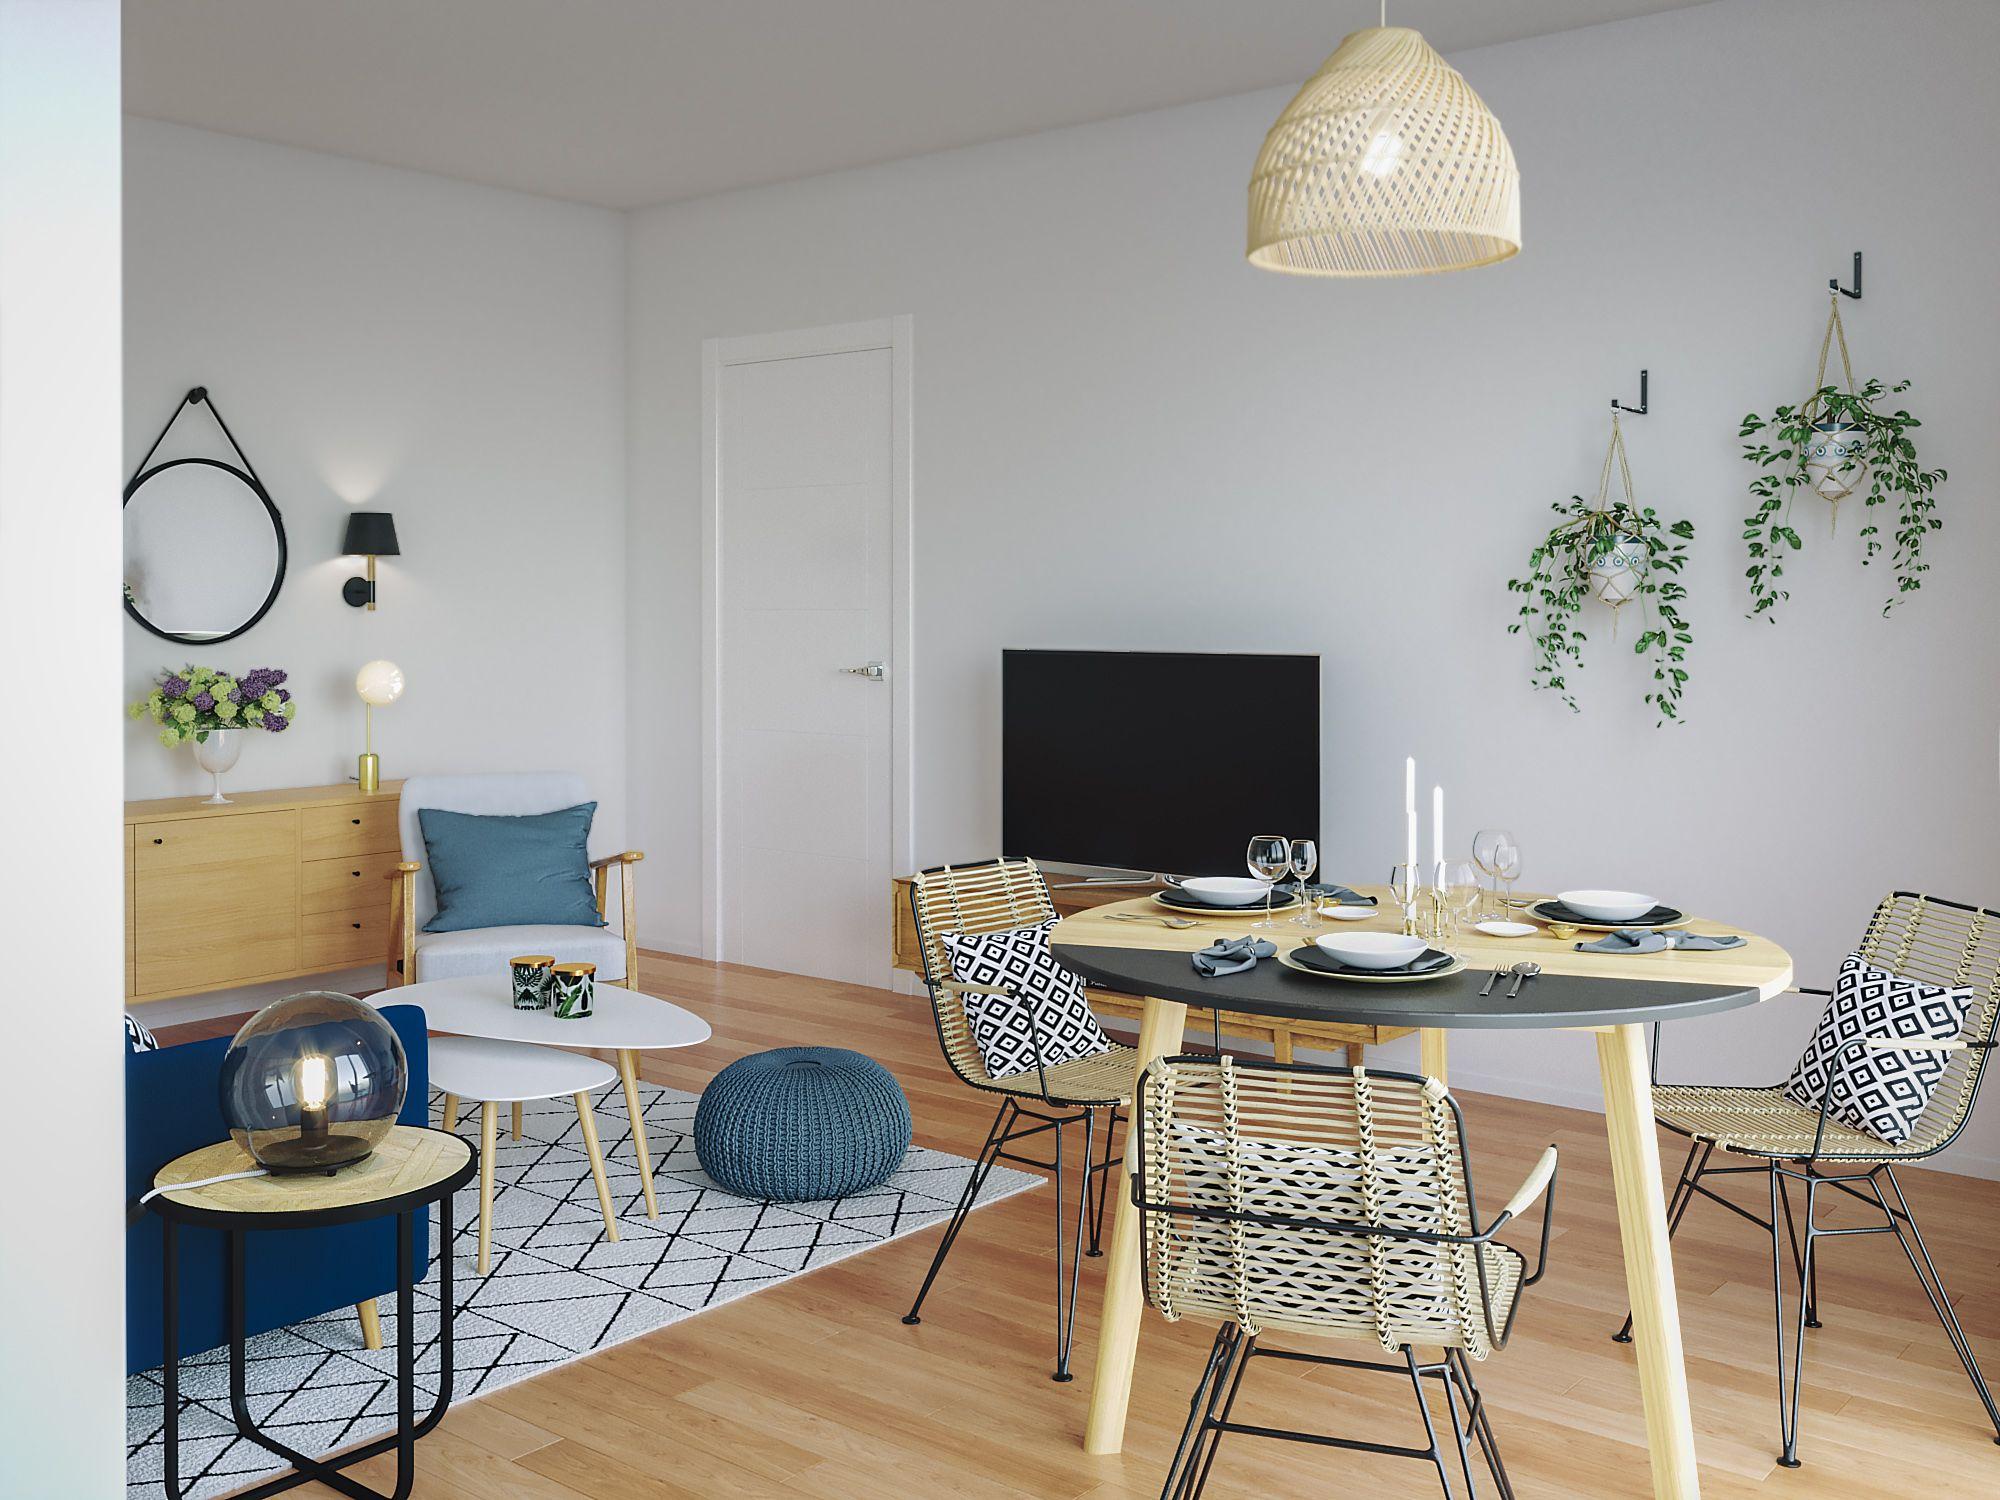 clemence pern s gastaldi architecte d 39 int rieur paris france sp cialiste commande. Black Bedroom Furniture Sets. Home Design Ideas